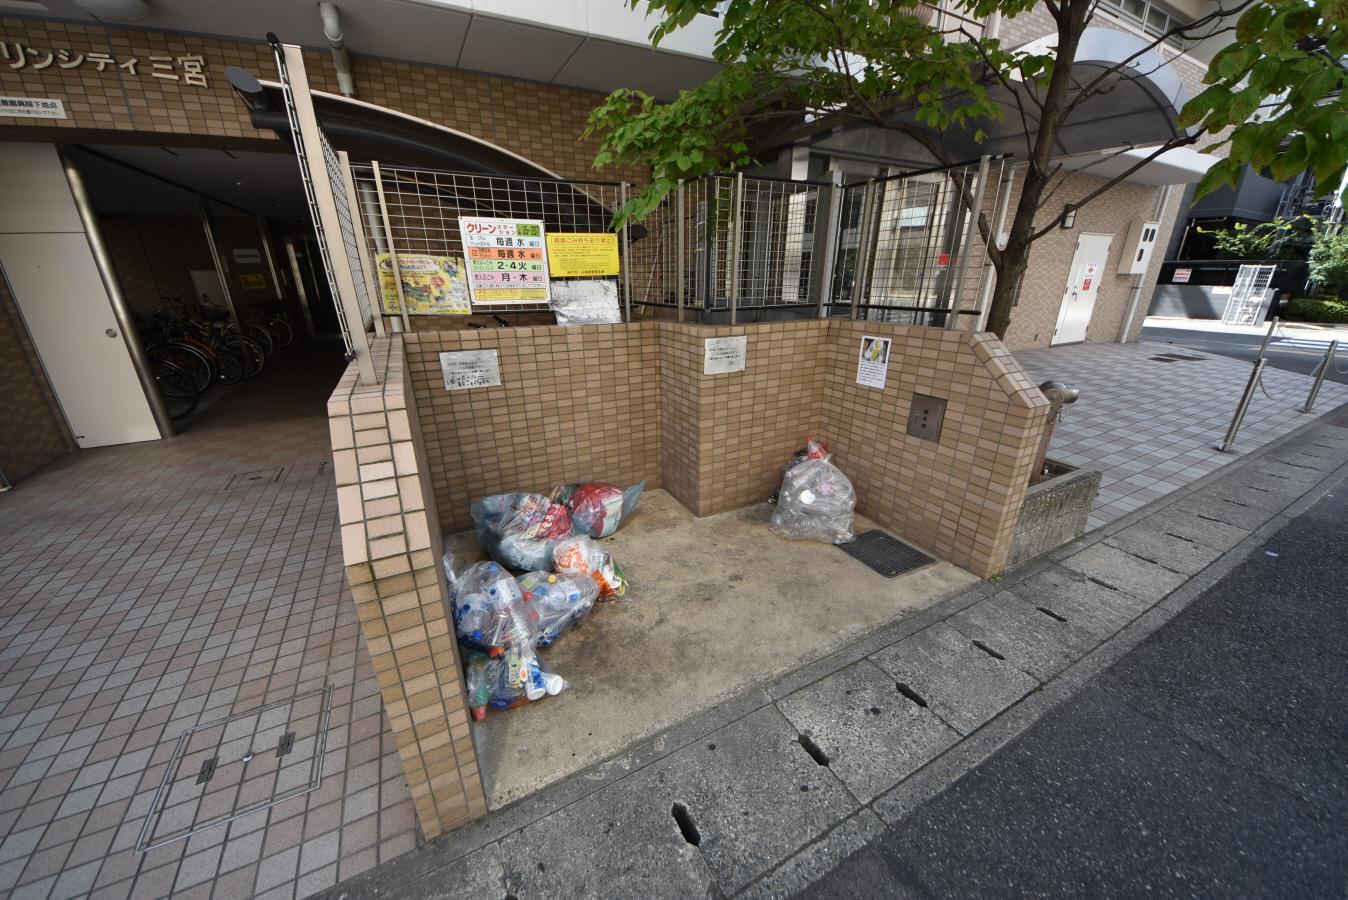 物件番号: 1025884152 マリンシティ三宮  神戸市中央区御幸通2丁目 1K マンション 画像18